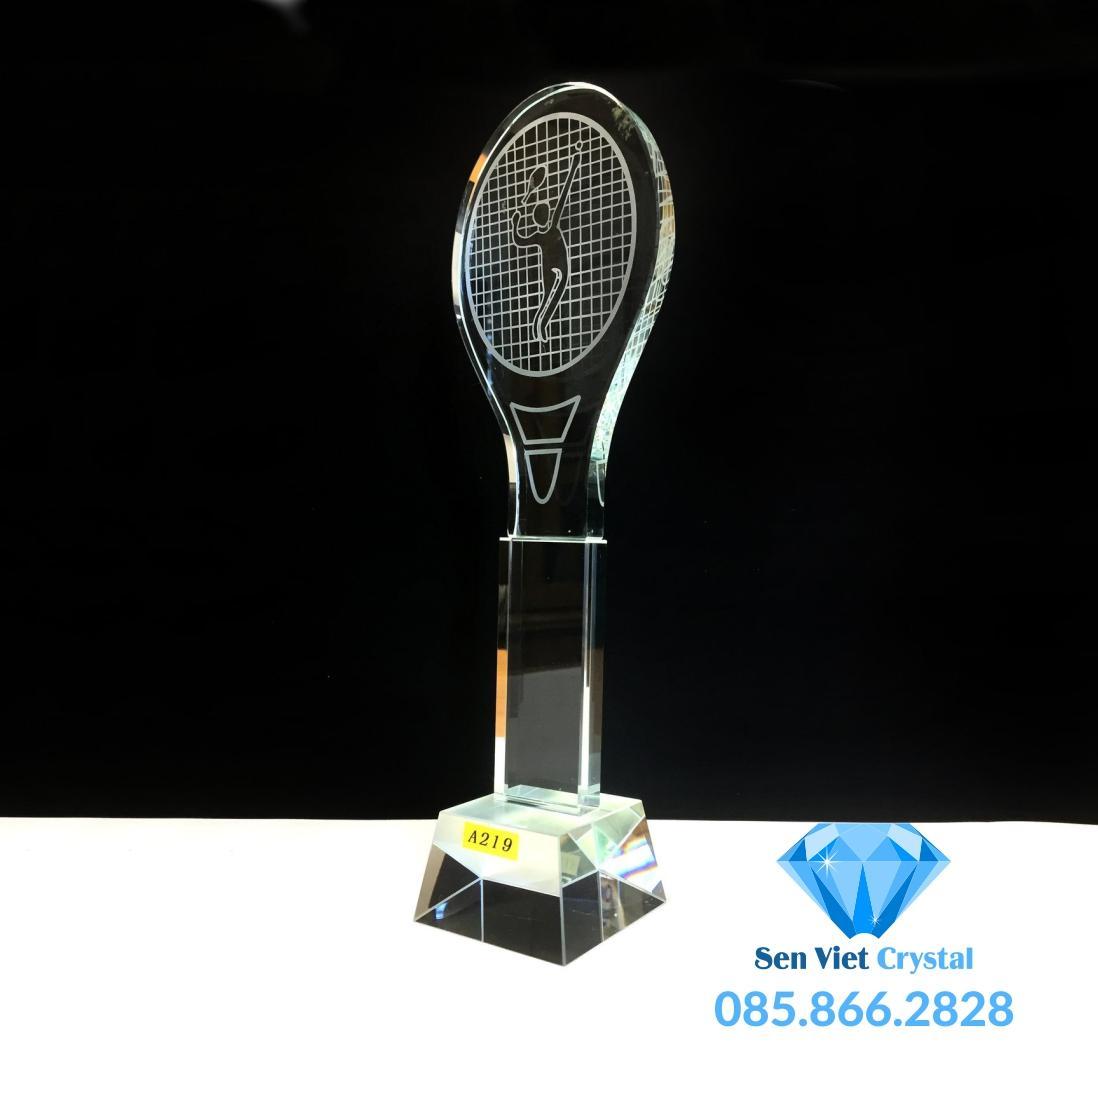 Cúp lưu niệm pha lê giải quần vợt giá rẻ nhất